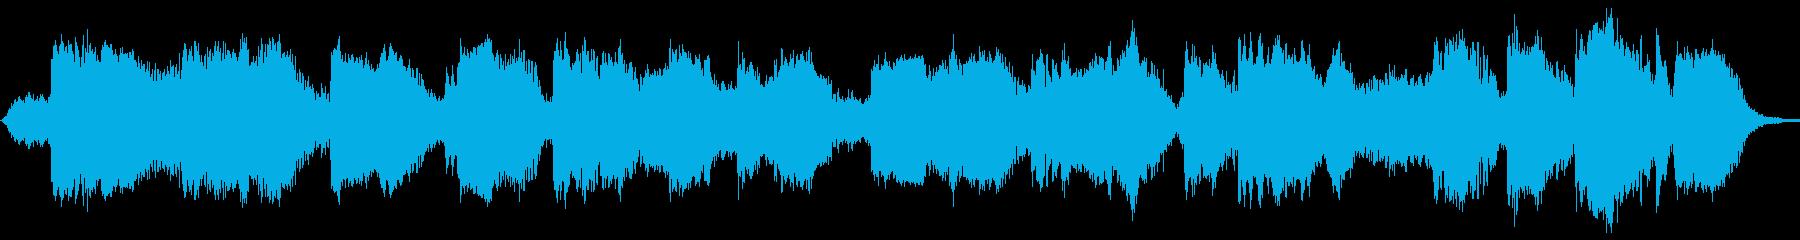 ソロドゥドゥクで穏やかな音楽の再生済みの波形